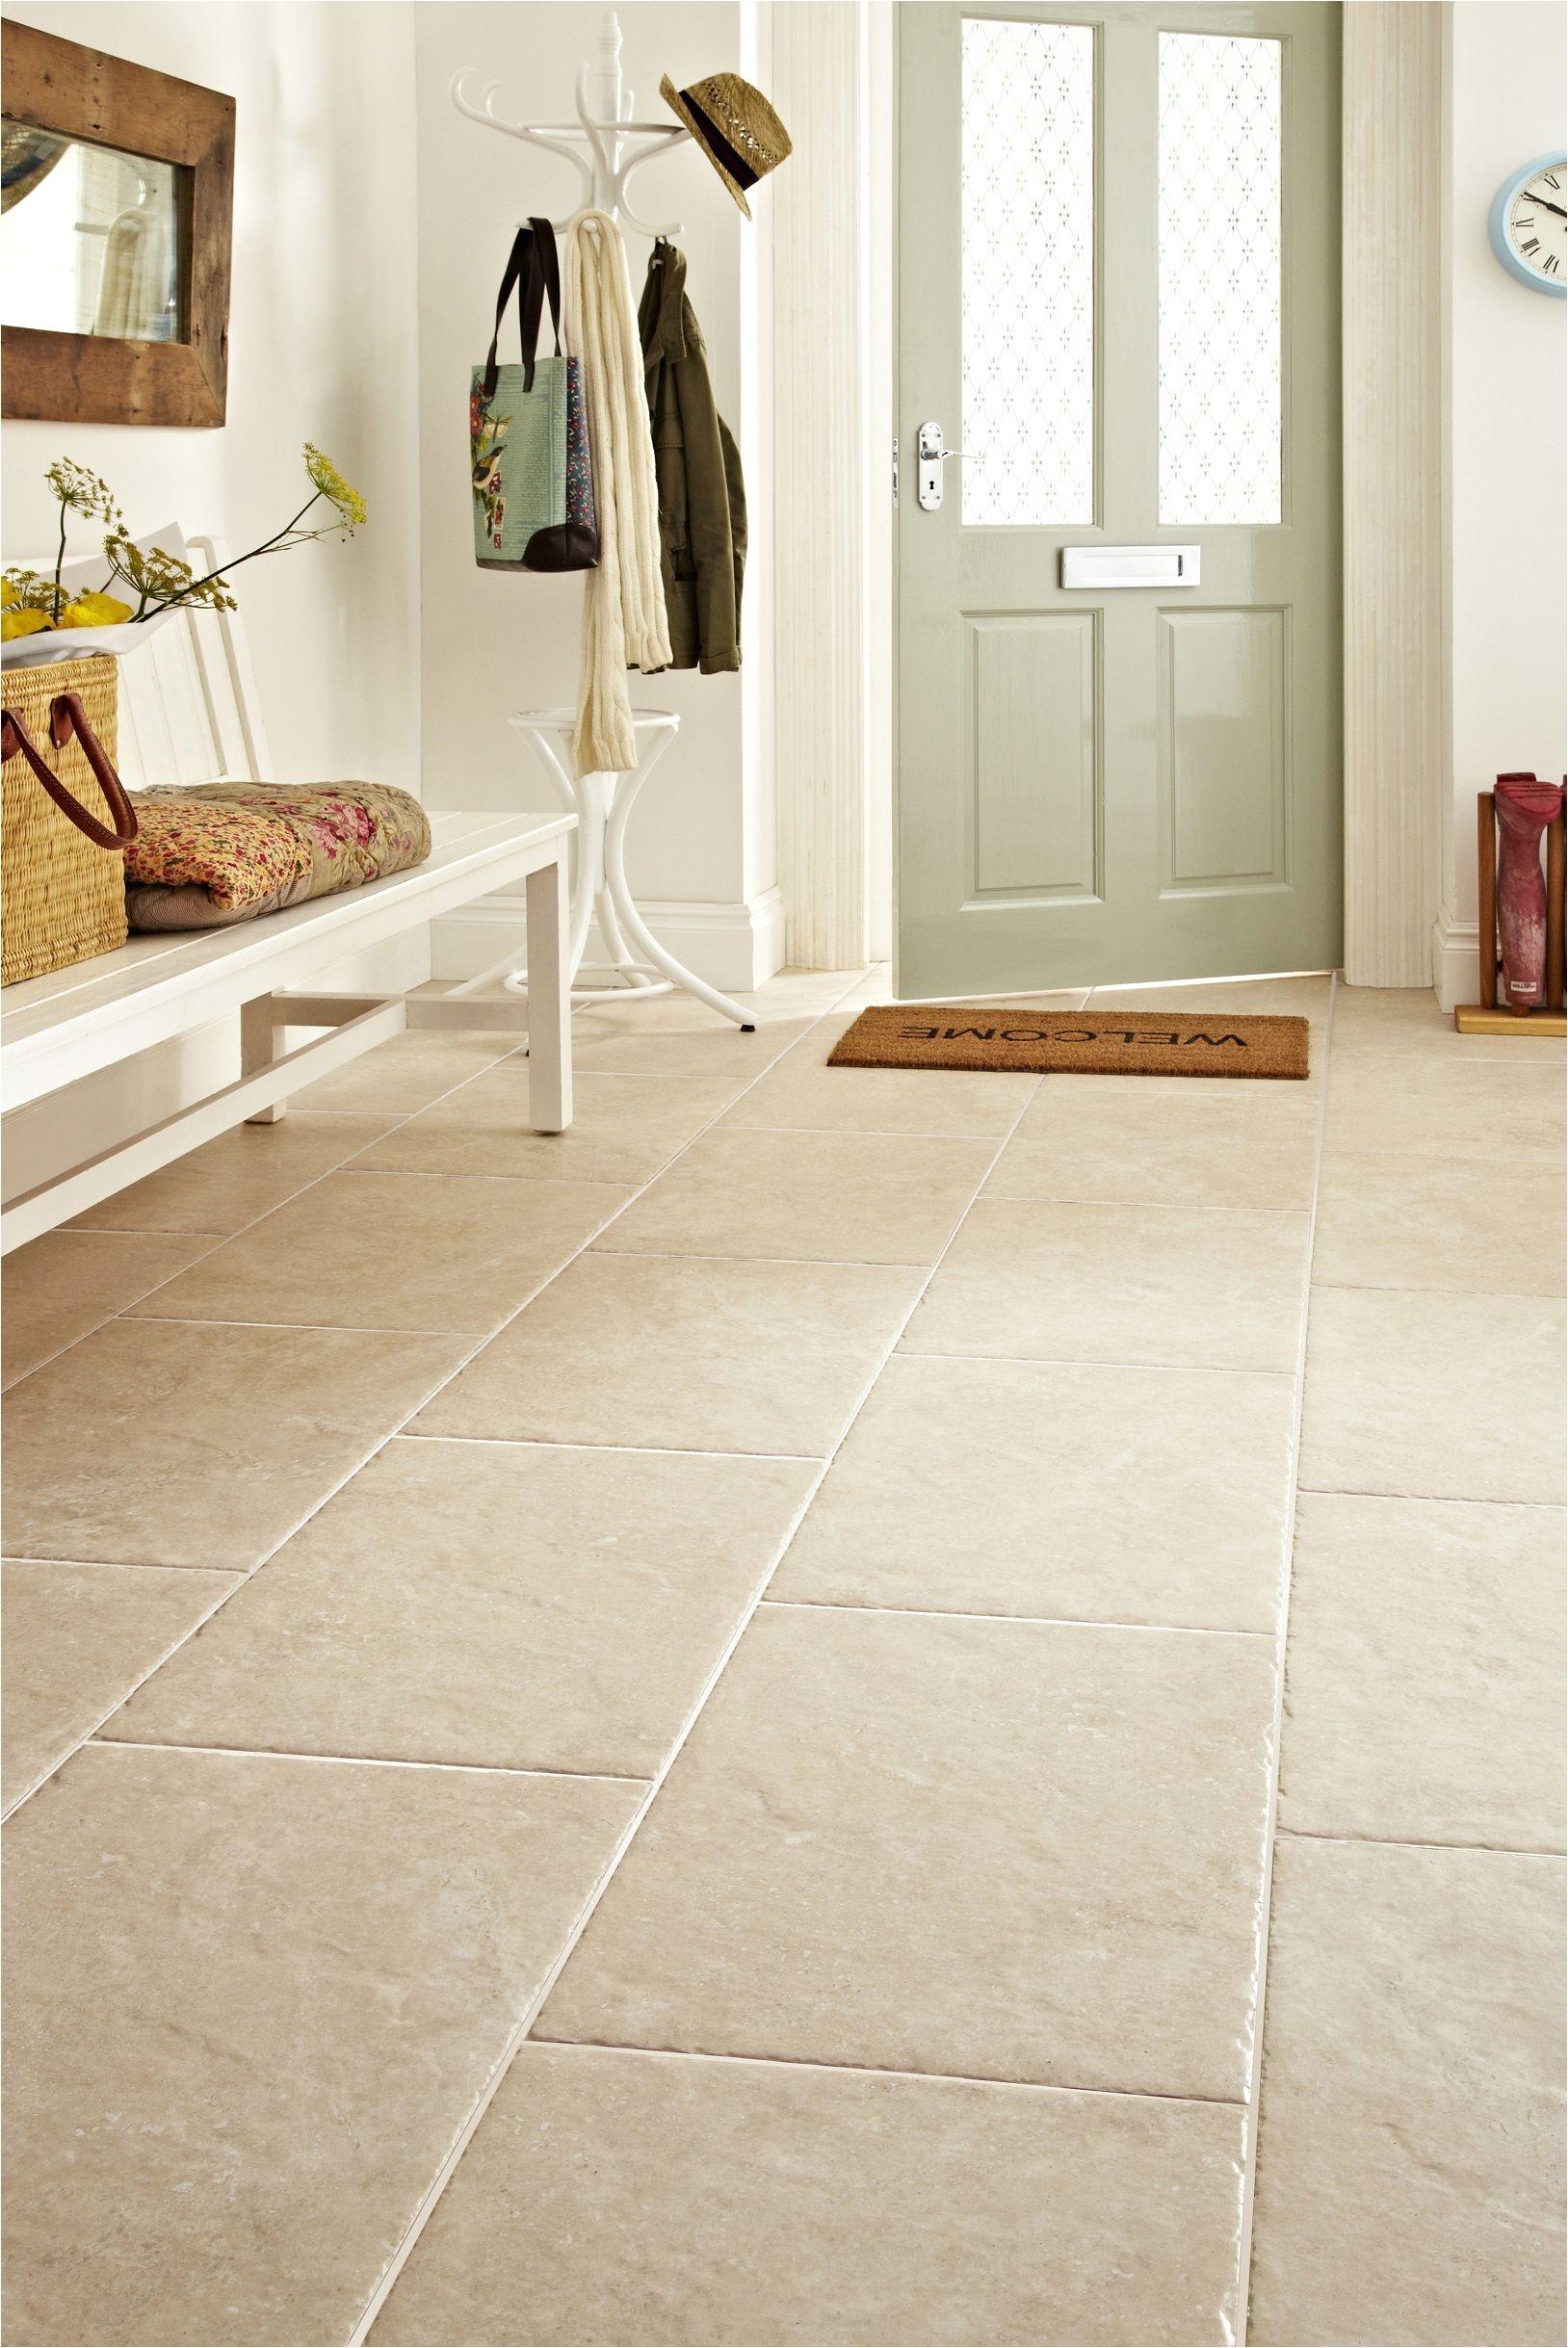 Tile Flooring Longview Tx Devon Bone From topps Tiles Potential for the Dining Room Floor